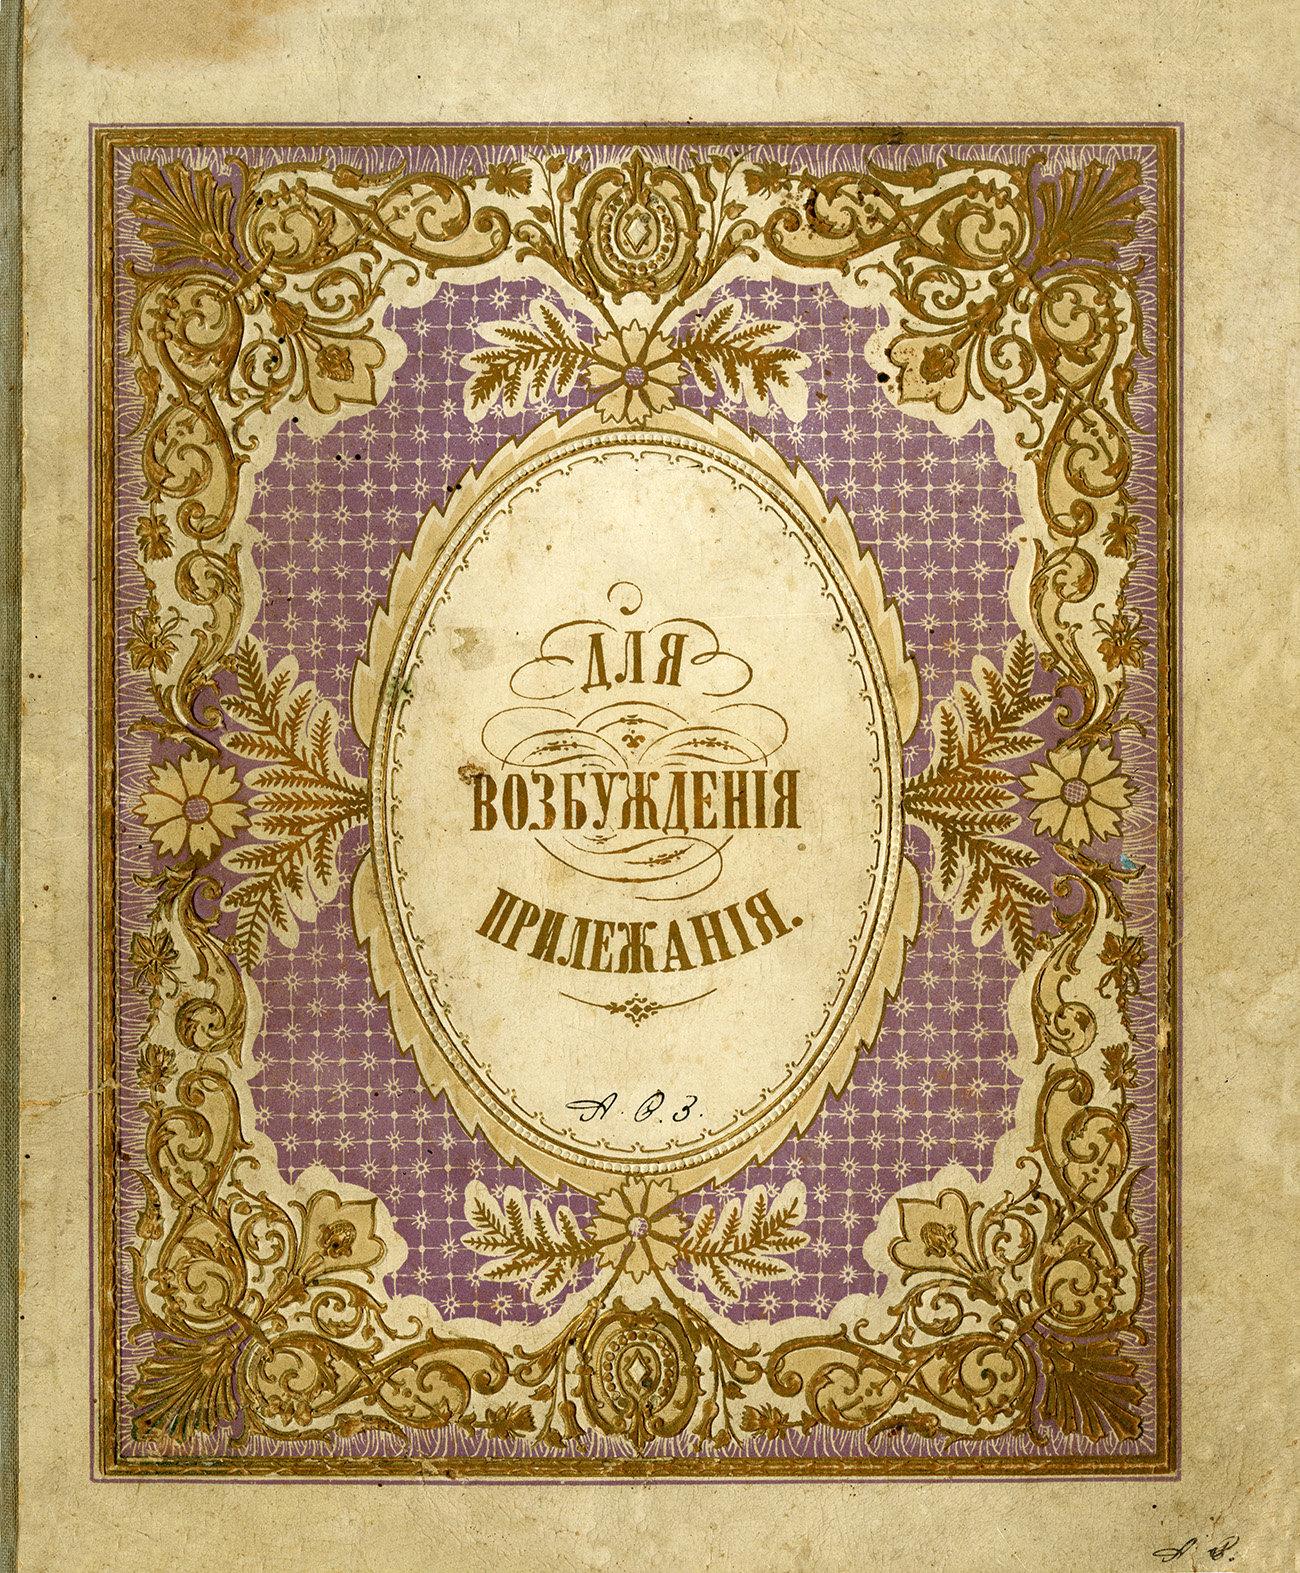 Тетрадь для возбуждения прилежания, 1904 г.